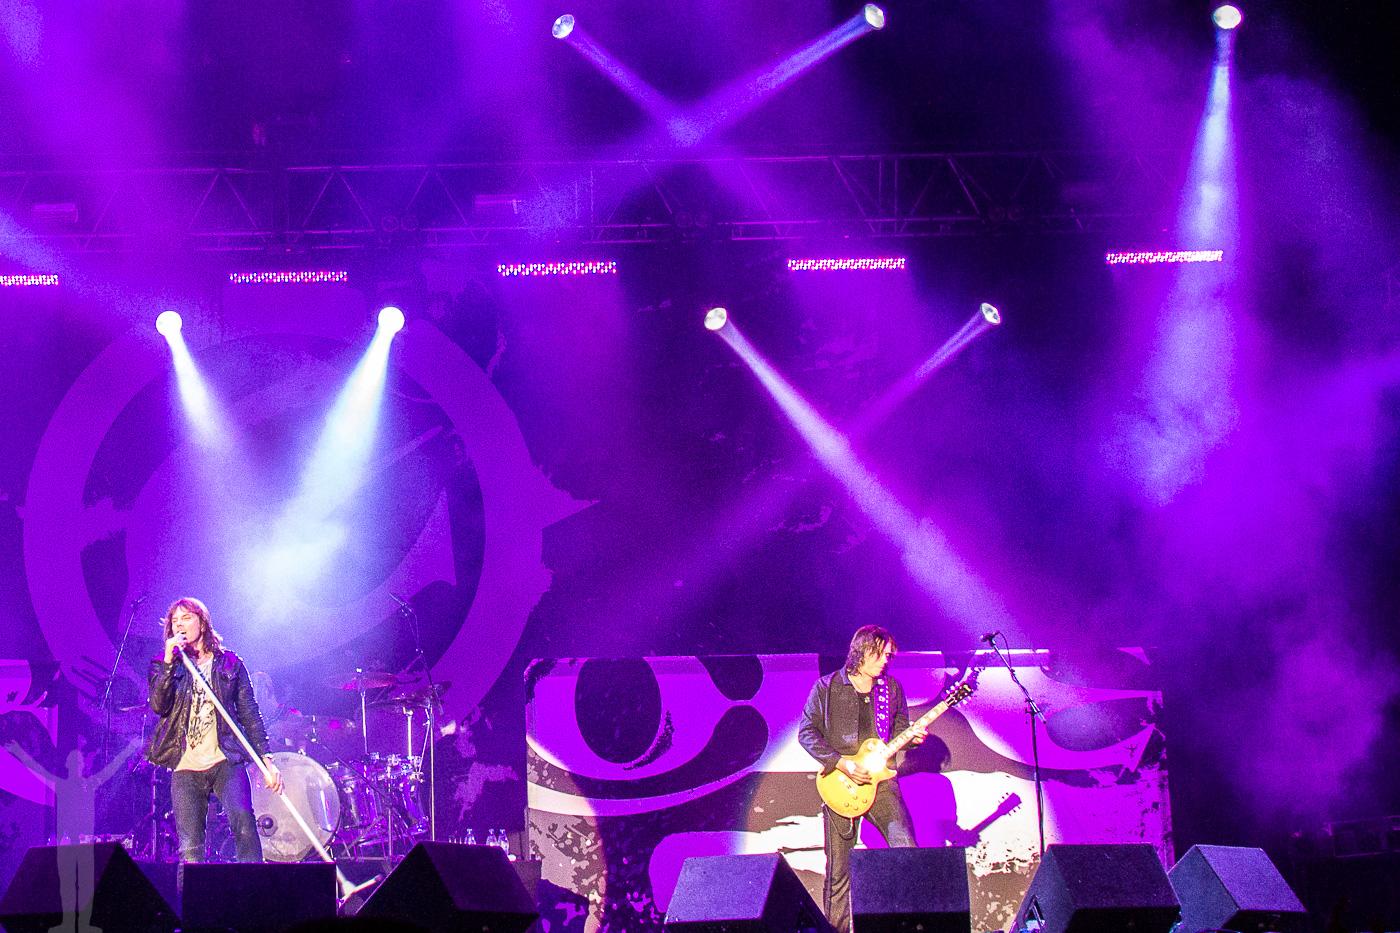 Europe - Storsjöyran 2010